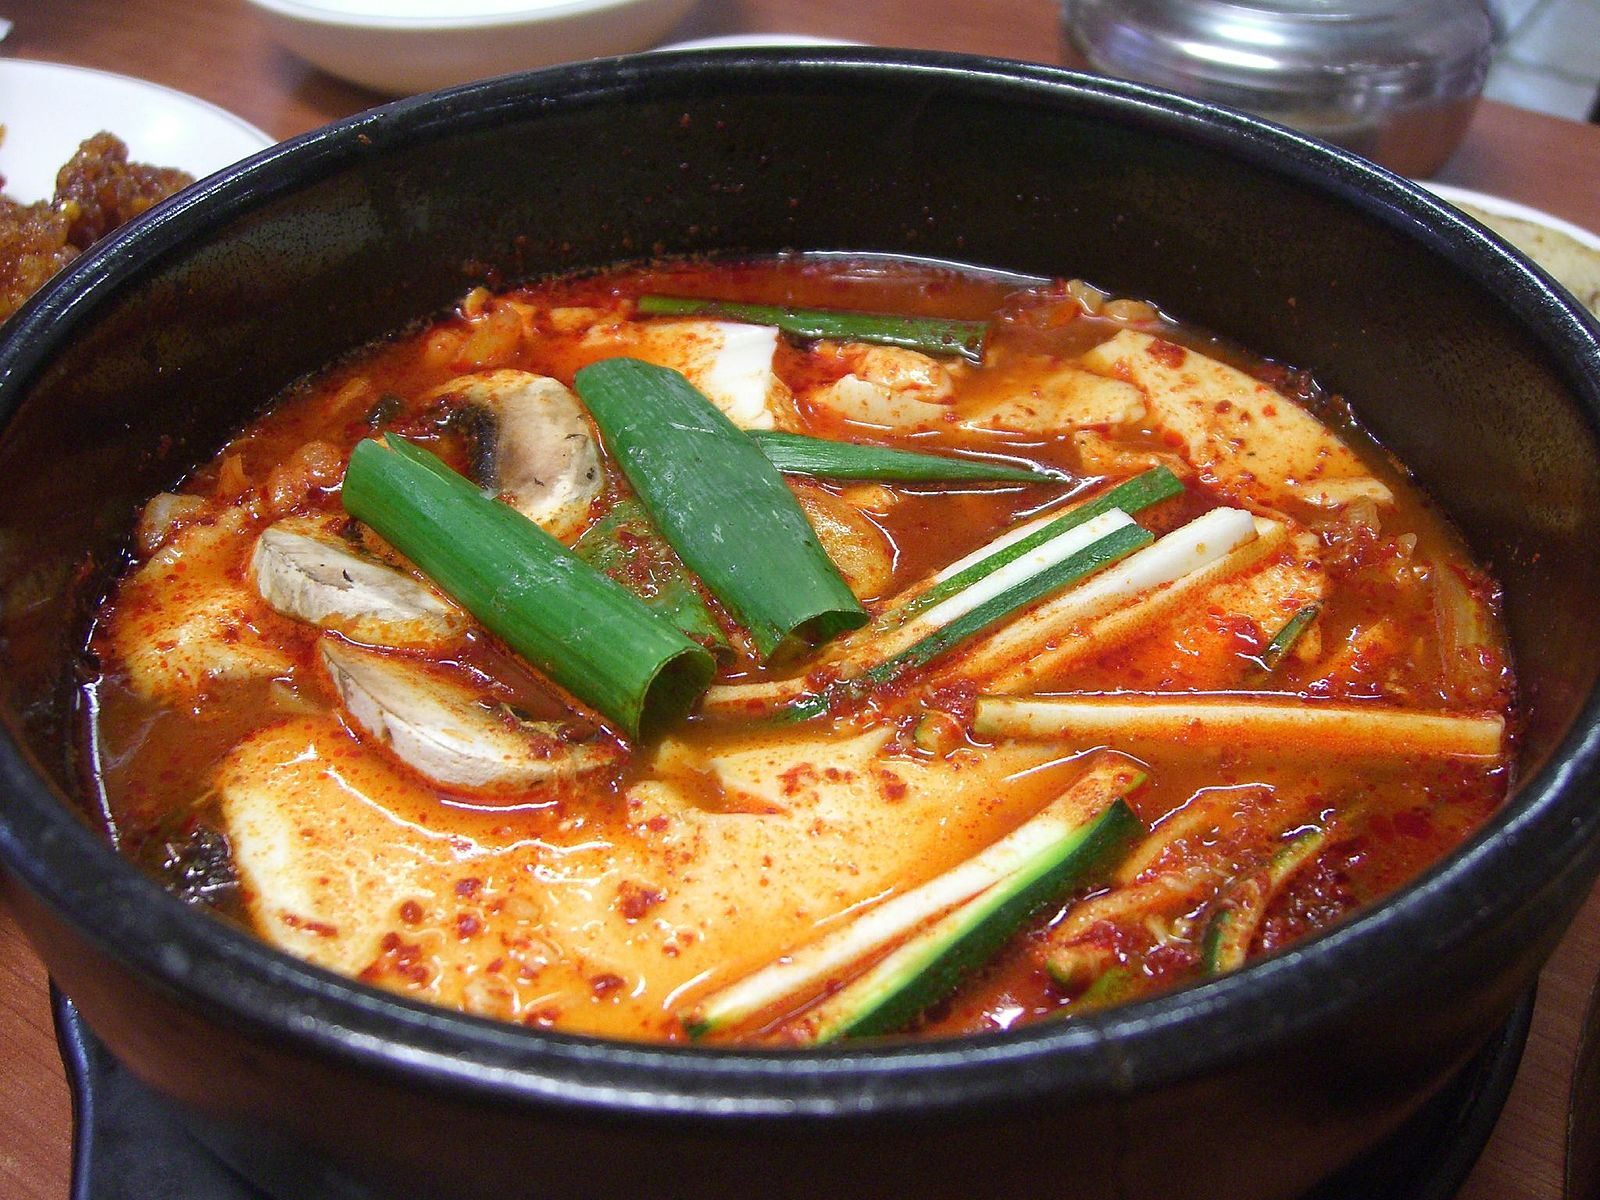 проносится рыба-месяц, китайская кухня первые блюда рецепты с фото такими помощниками